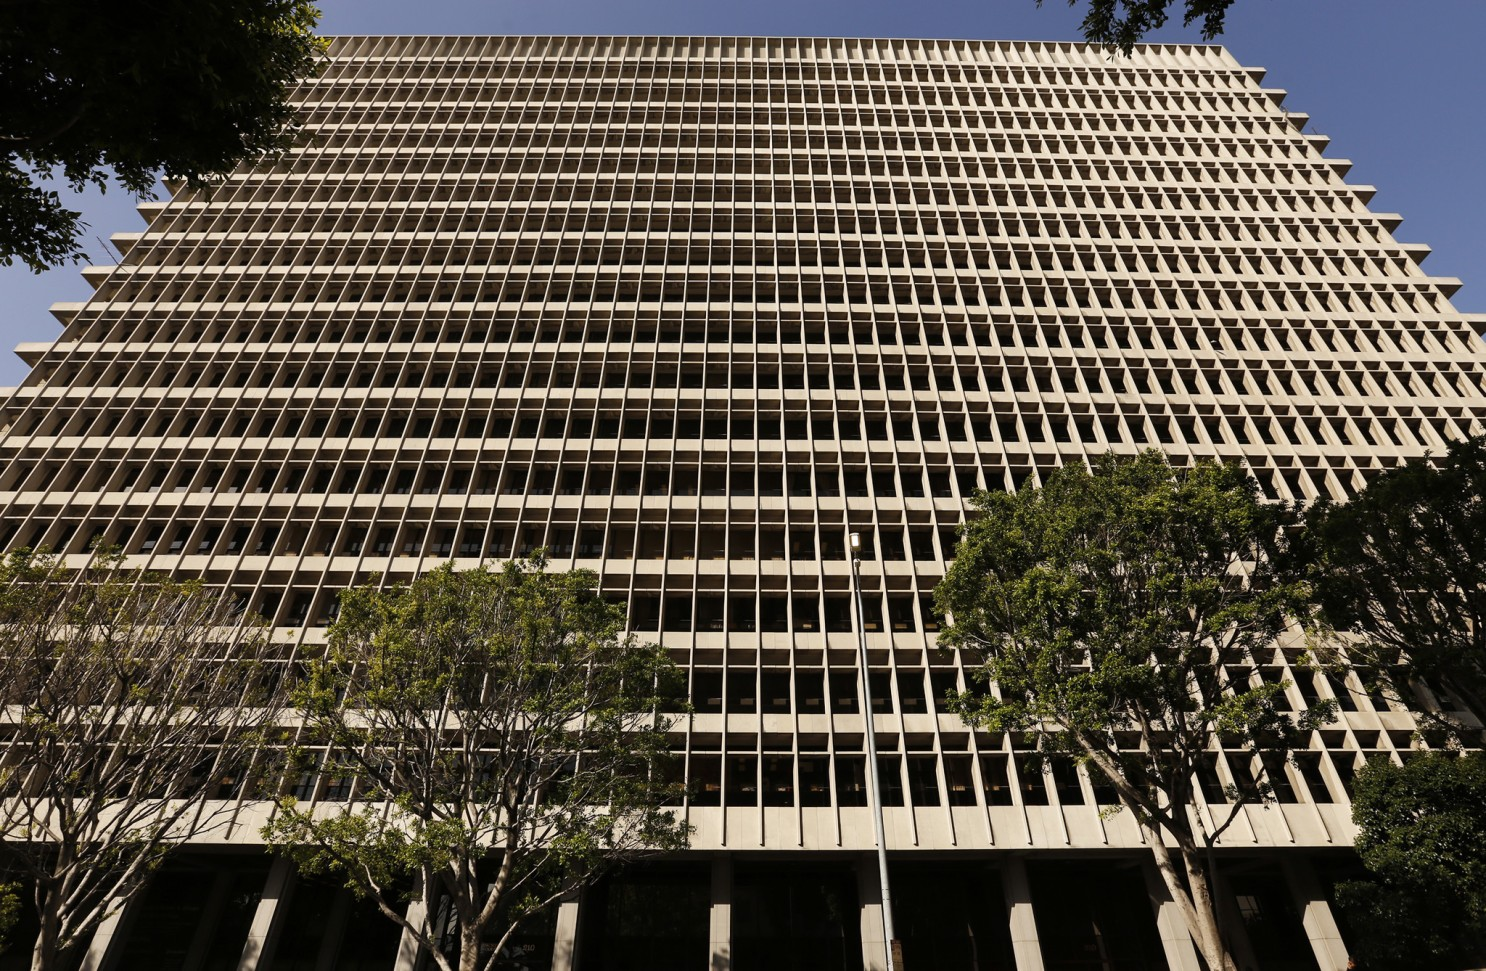 洛縣法院法官延長部分庭審期限,以配合相關新冠防疫規定。洛杉磯時報